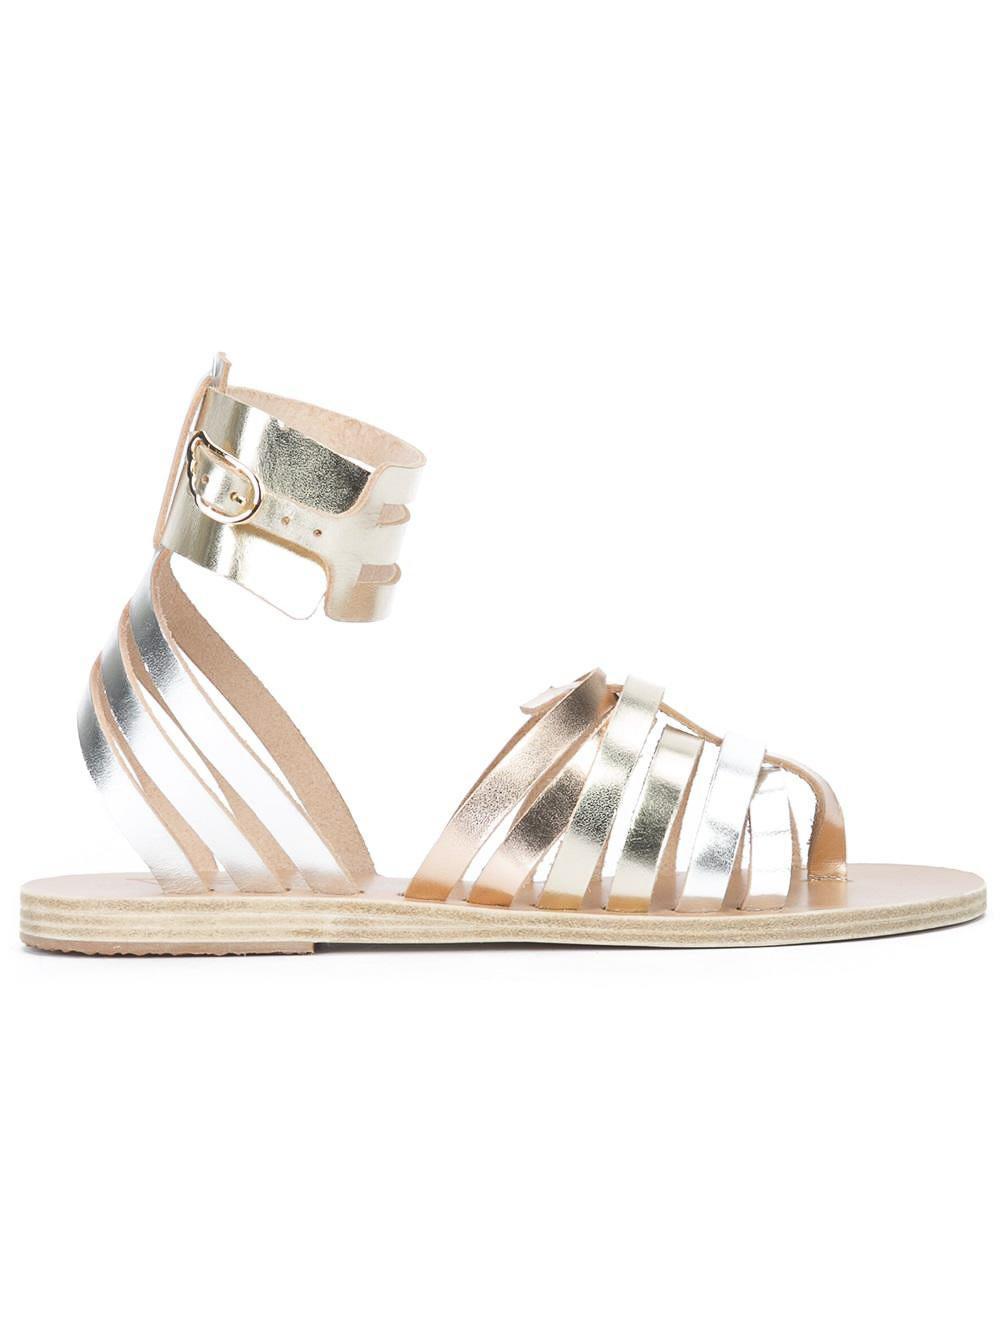 7836fbf711f Ancient Greek Sandals  zaira  Sandals - Save 48% - Lyst